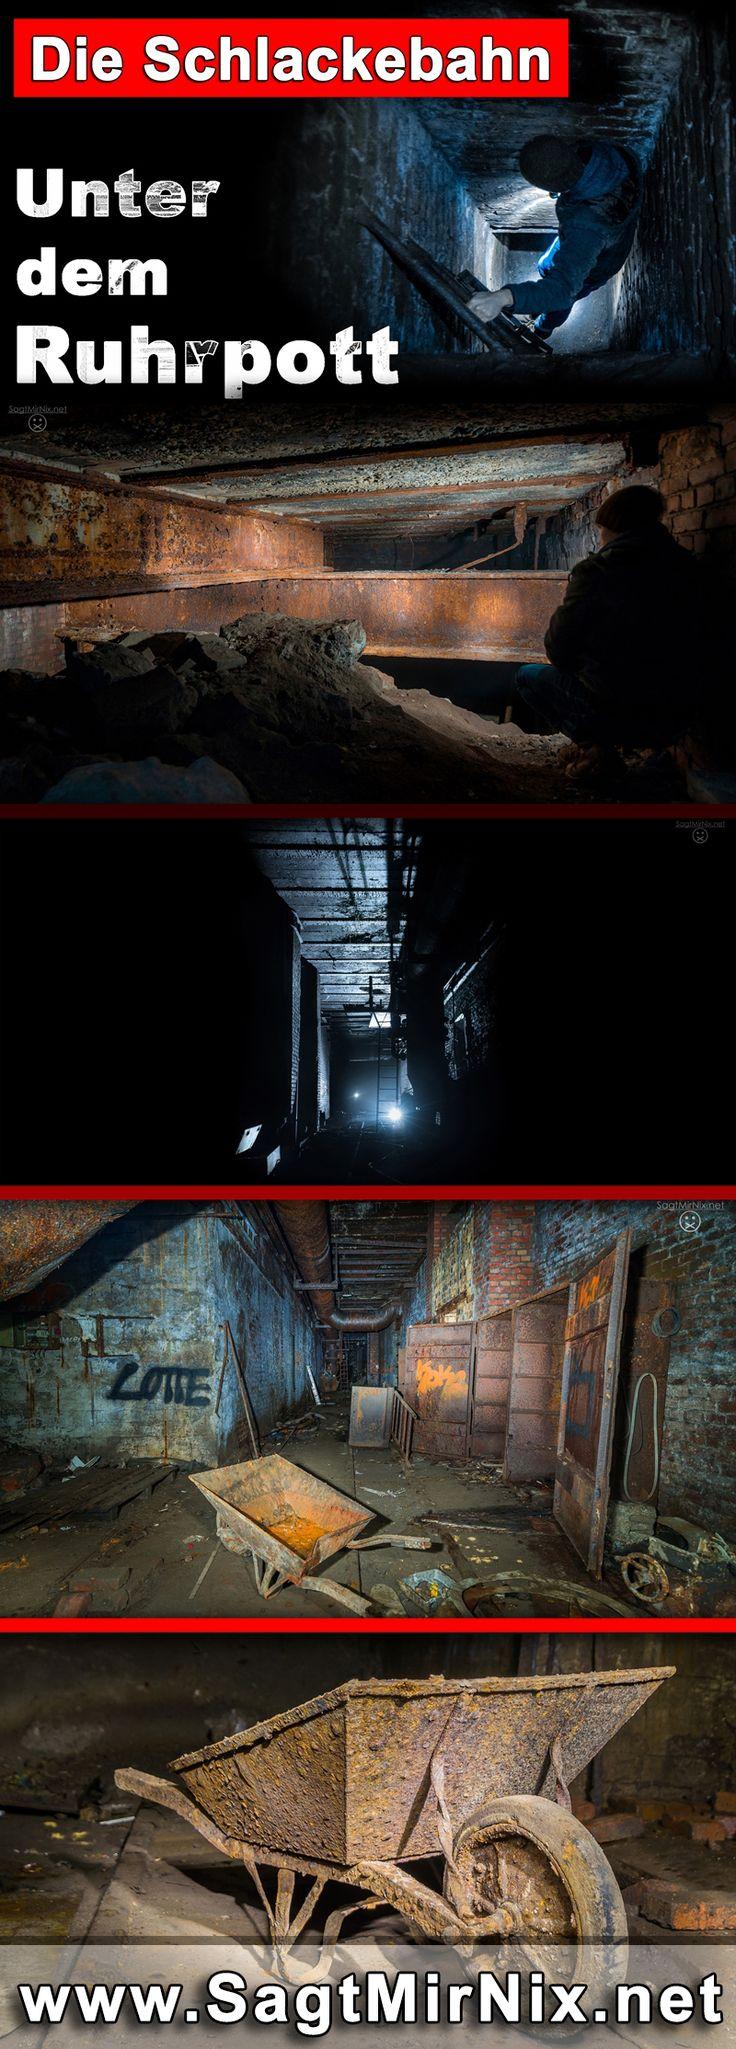 """Ein wahrhaft faszinierender Lost Place: Die unterirdische """"Schlackebahn"""" in Bochum im Ruhrgebiet / NRW. Einst wurde hier die glühende Schlacke des Stahlwerks darüber abtanspoertiert. Nun schlummert sie seit Jahrzehnten unter der Stadt."""